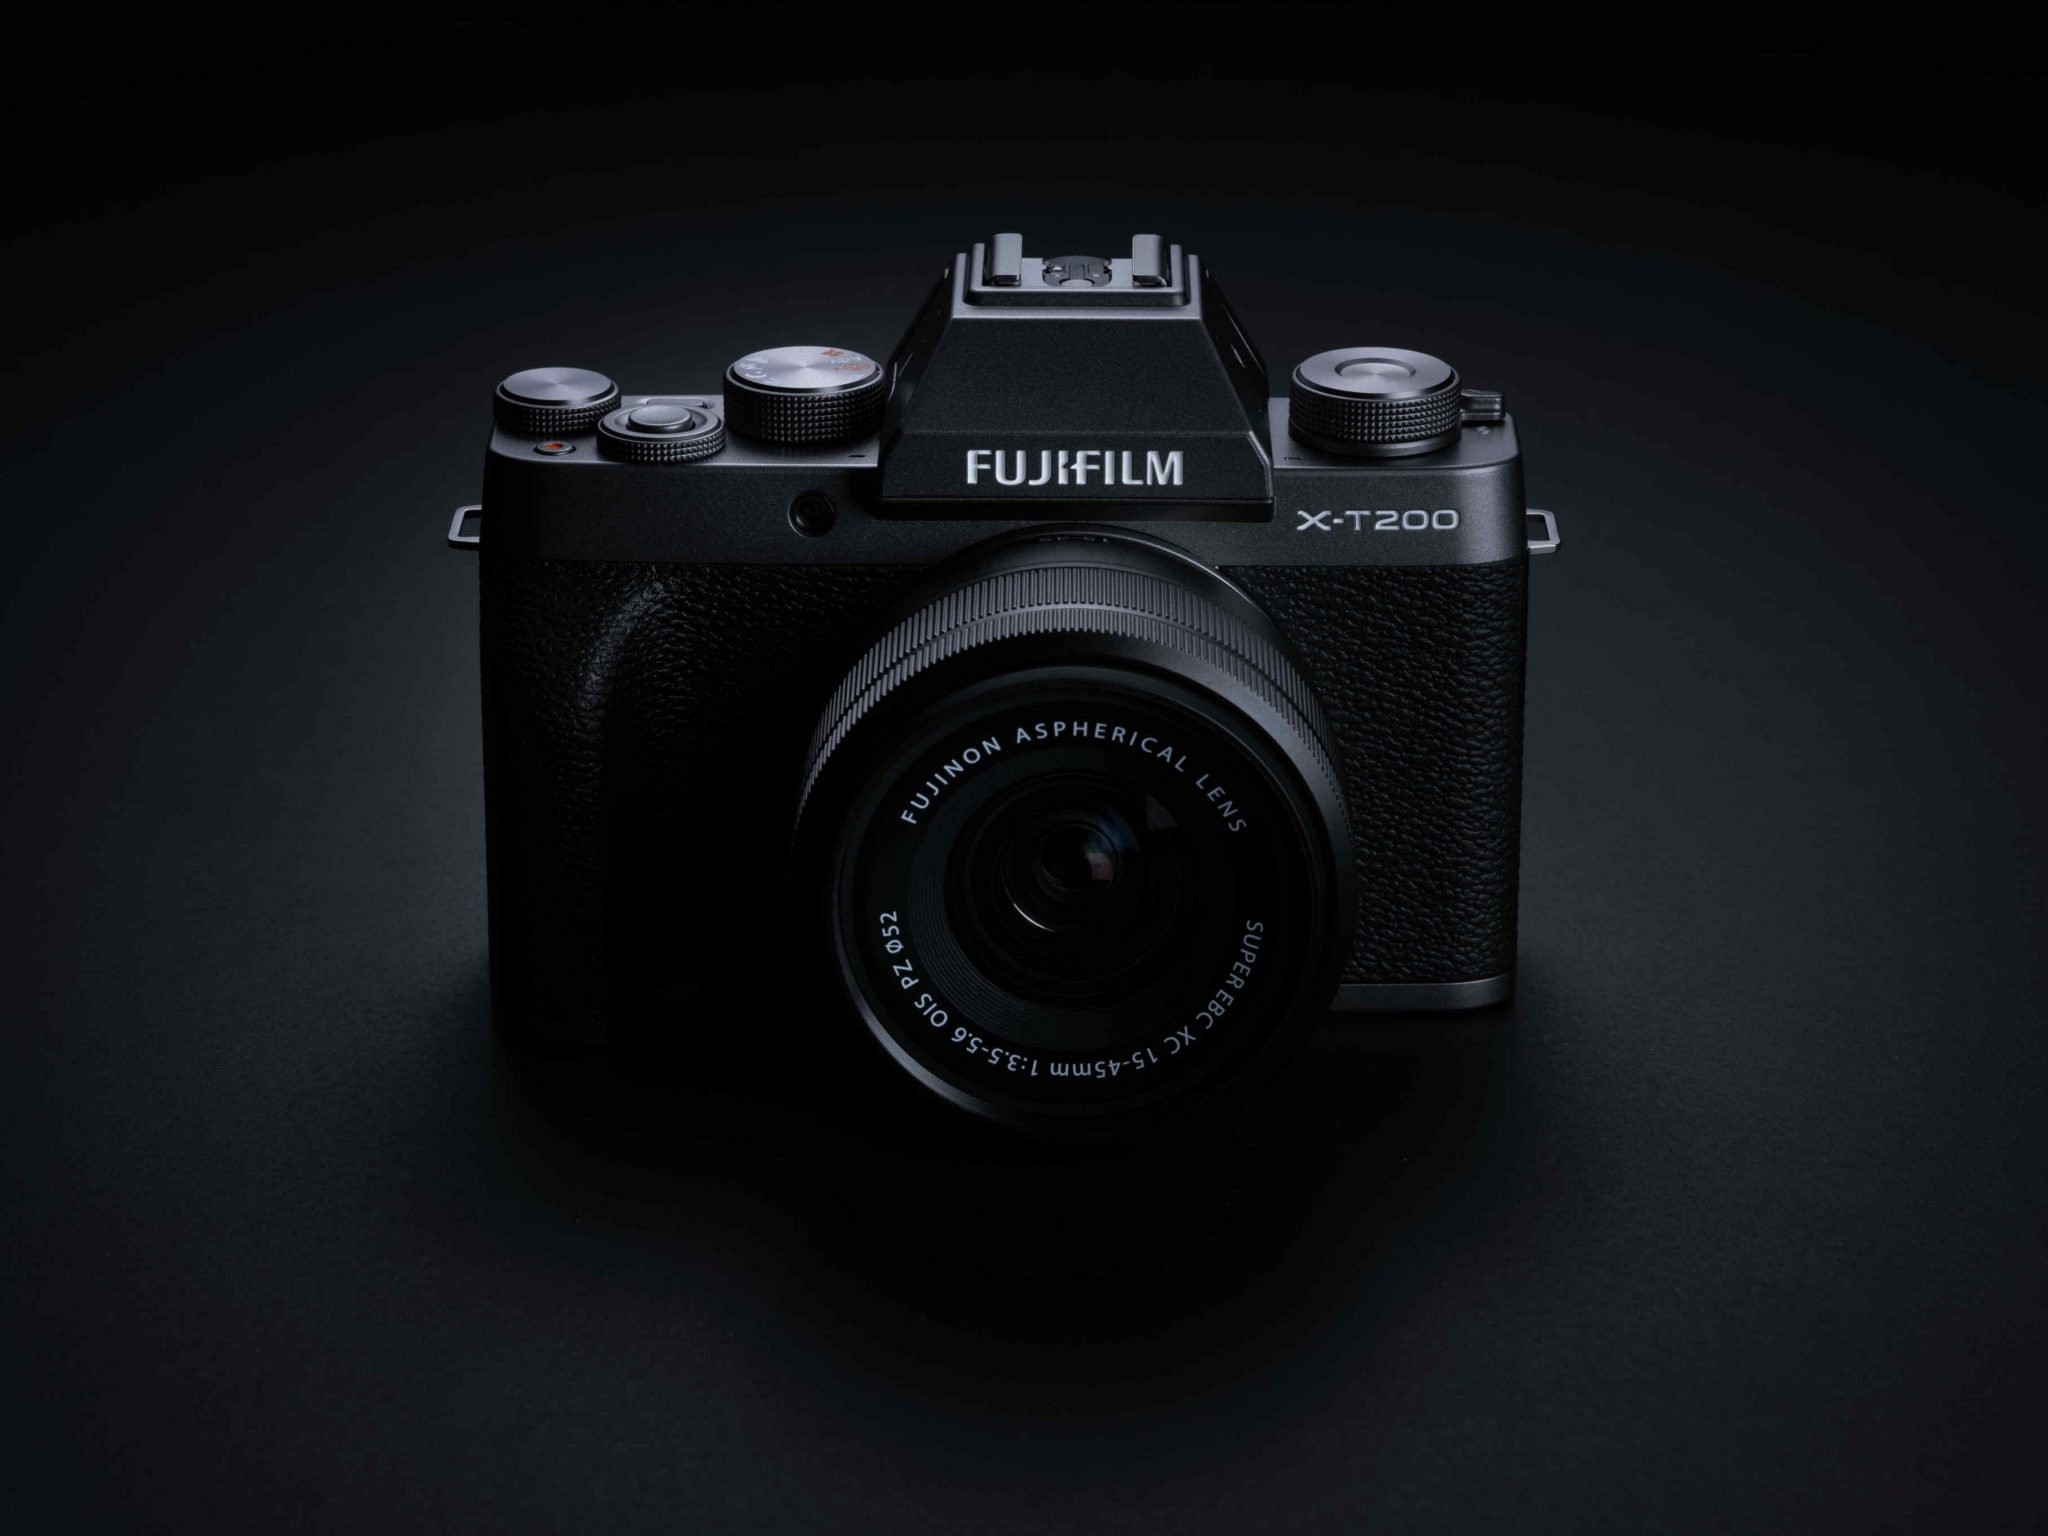 X-T200 nuova mirrorless fujifilm